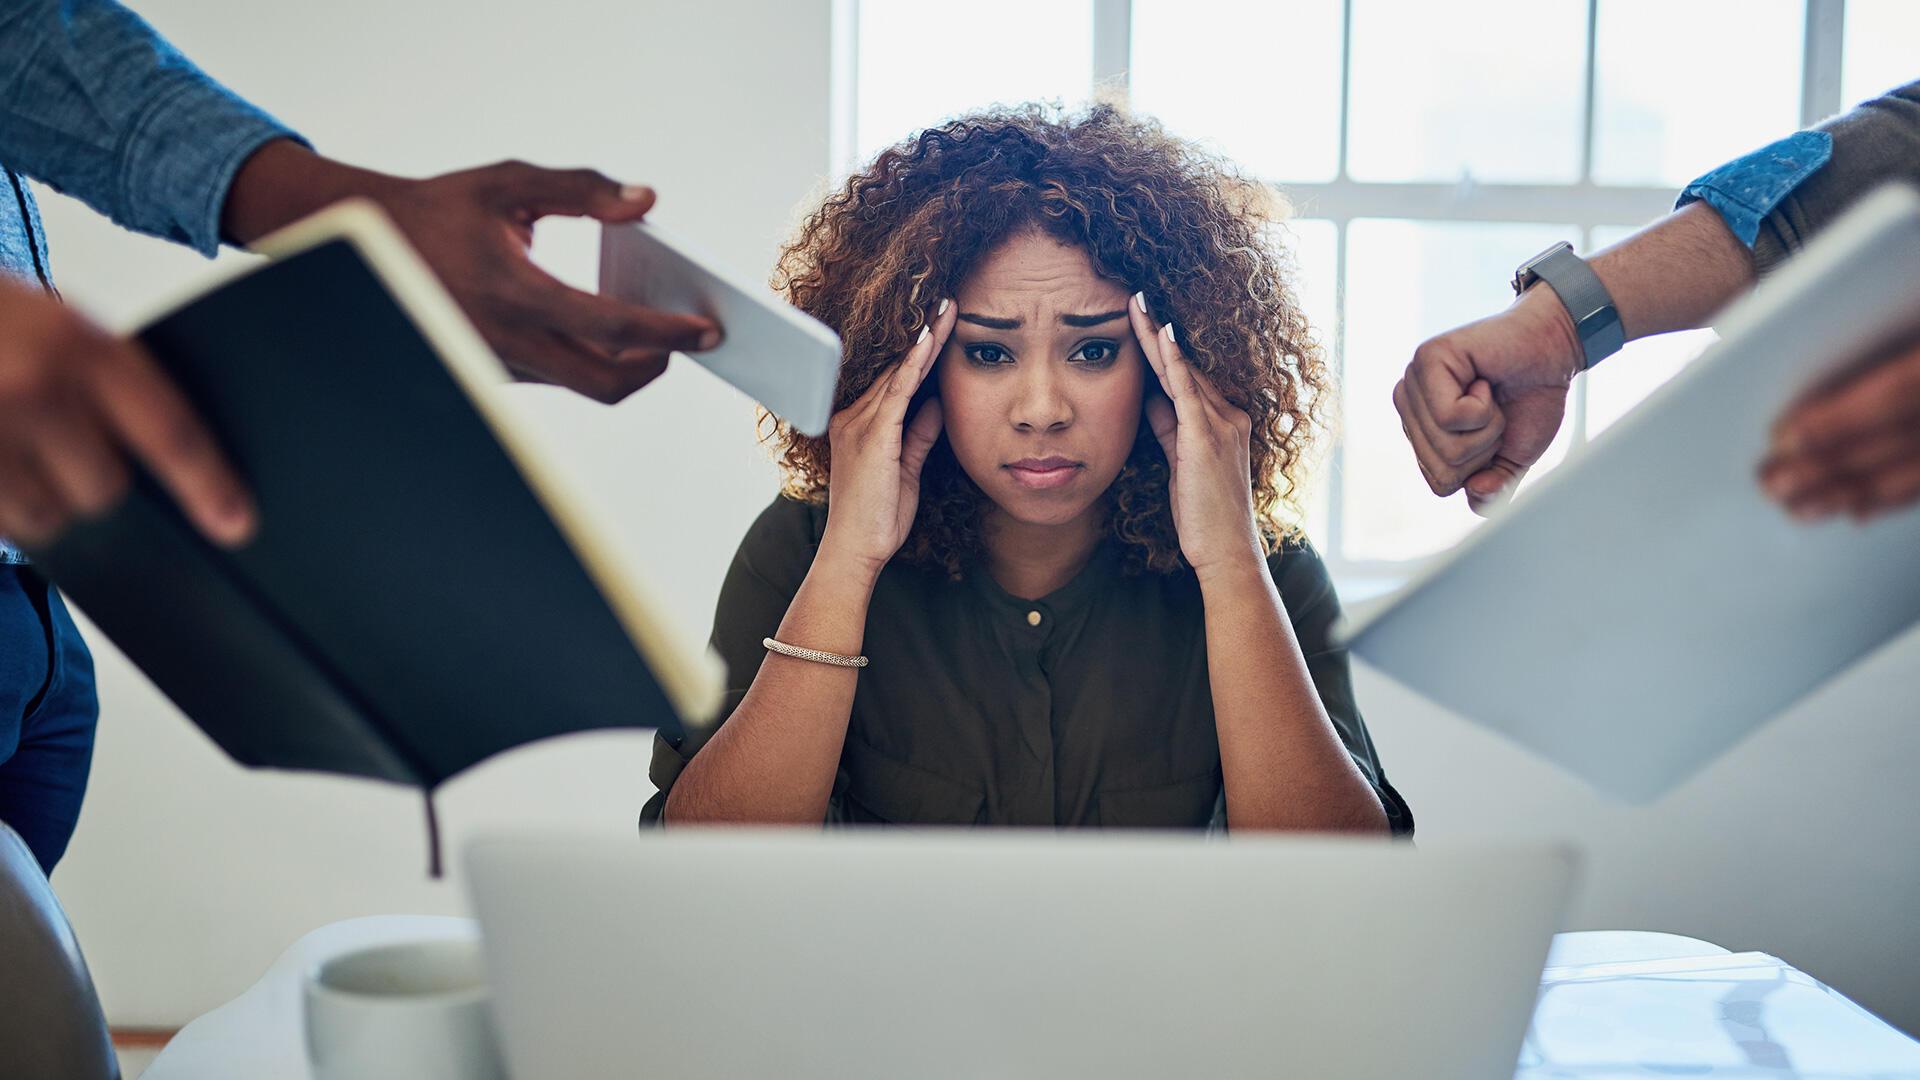 stress illustration travail angoisse migraine mal de tête